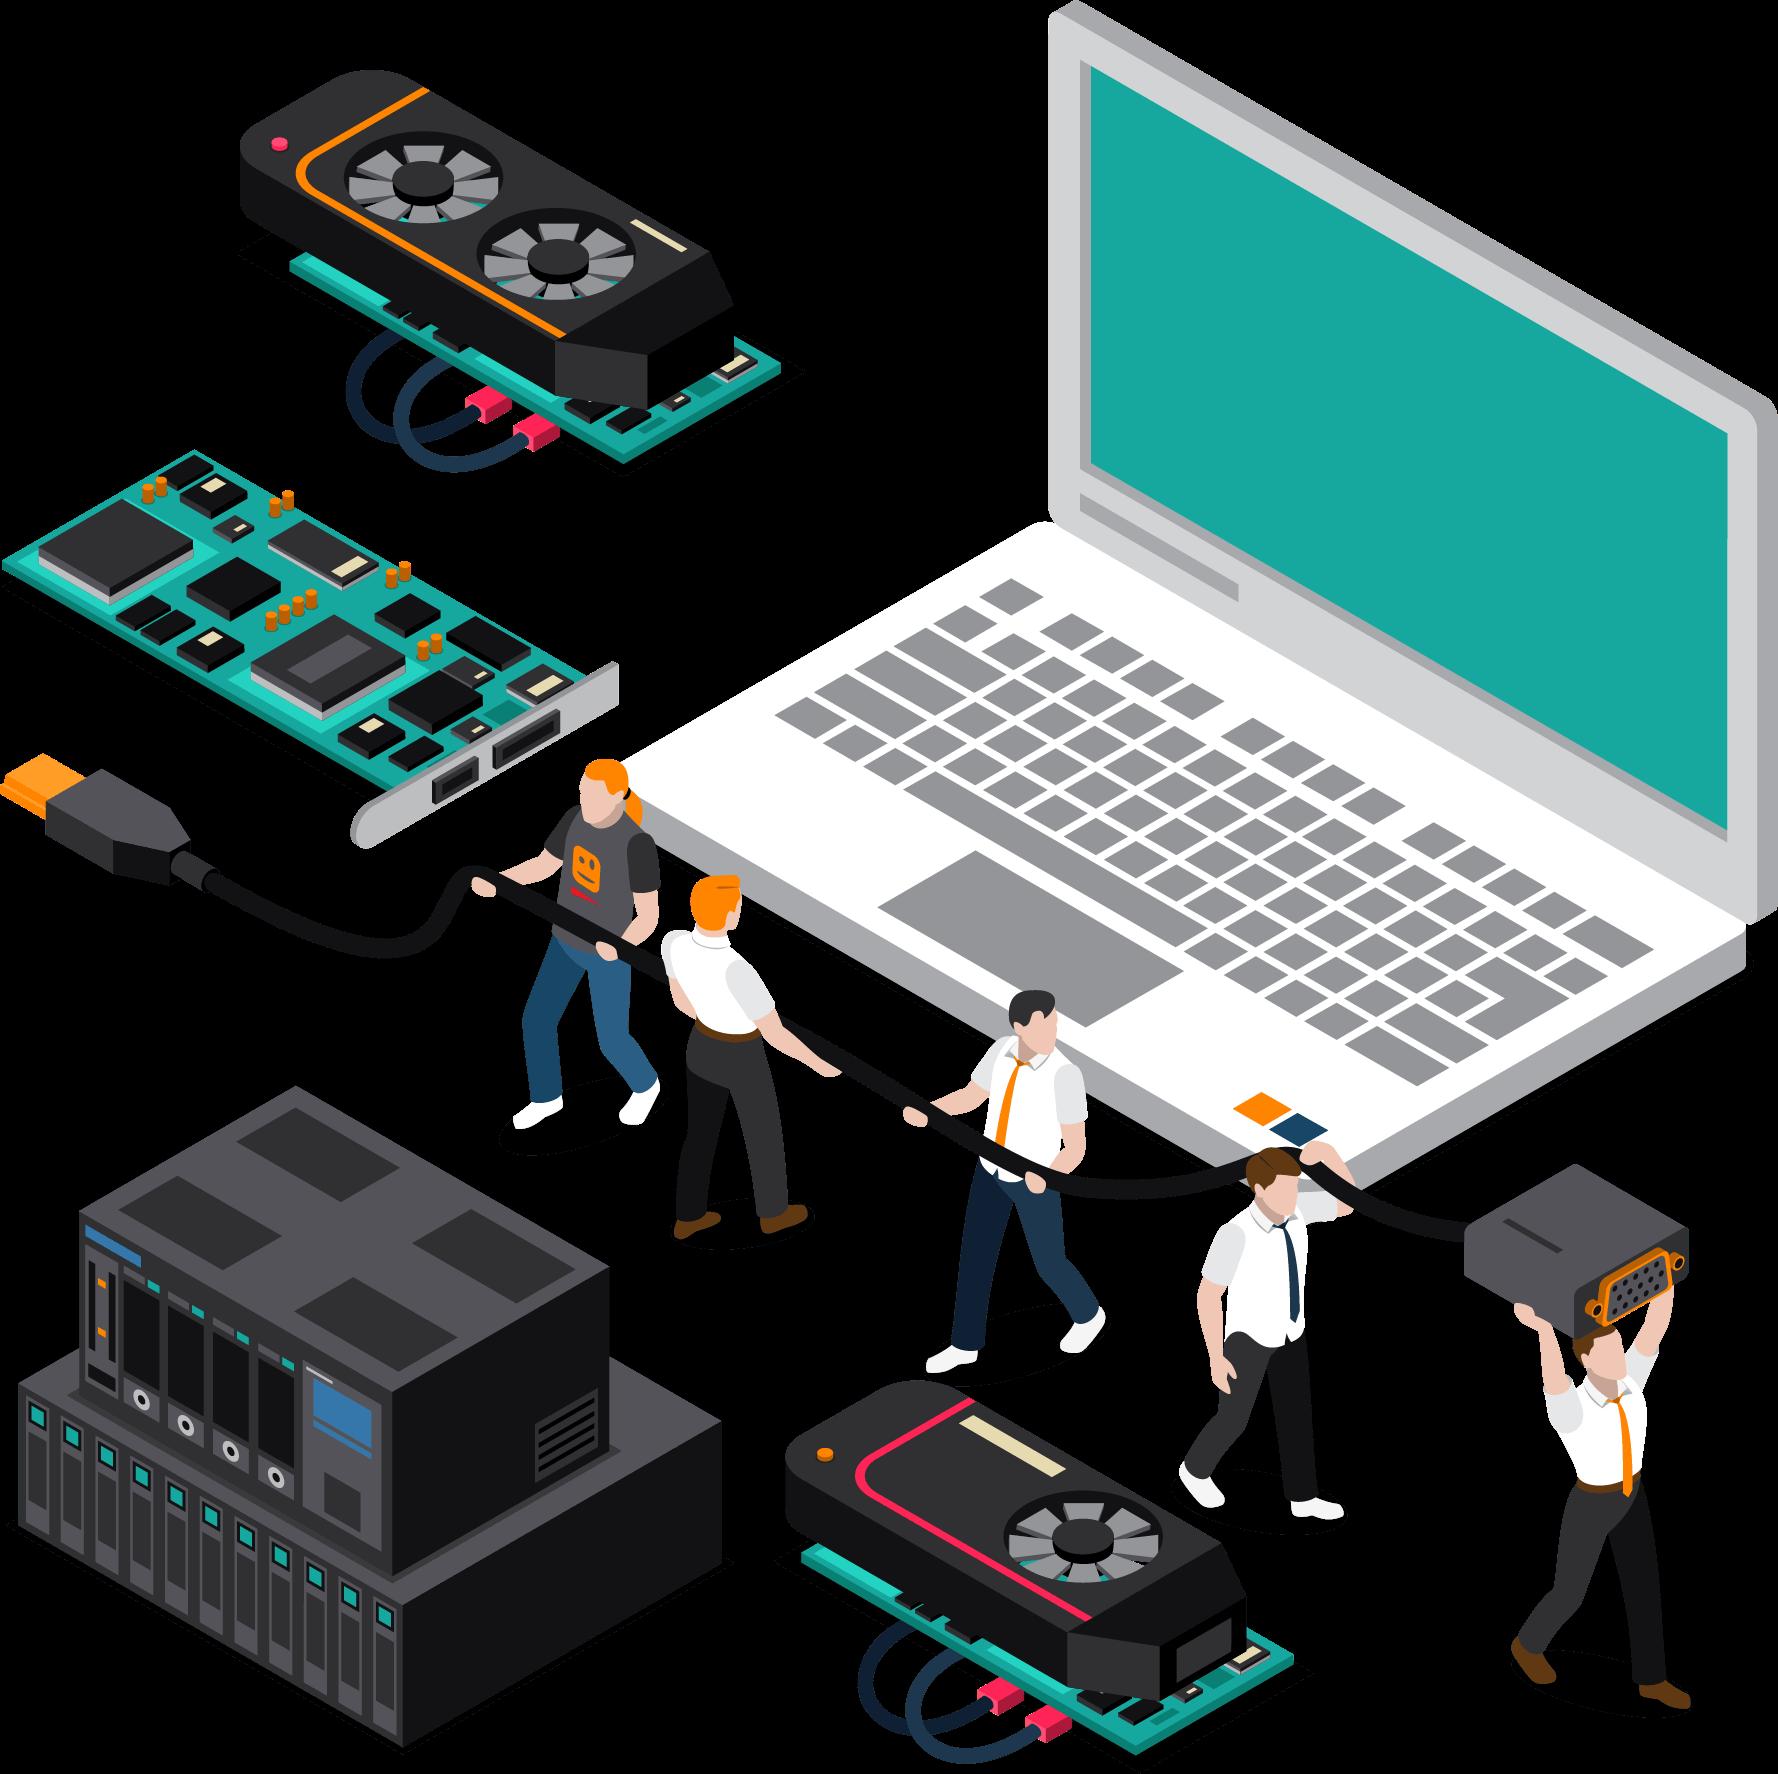 تجهیزات جانبی رایانه، سرور و شبکه